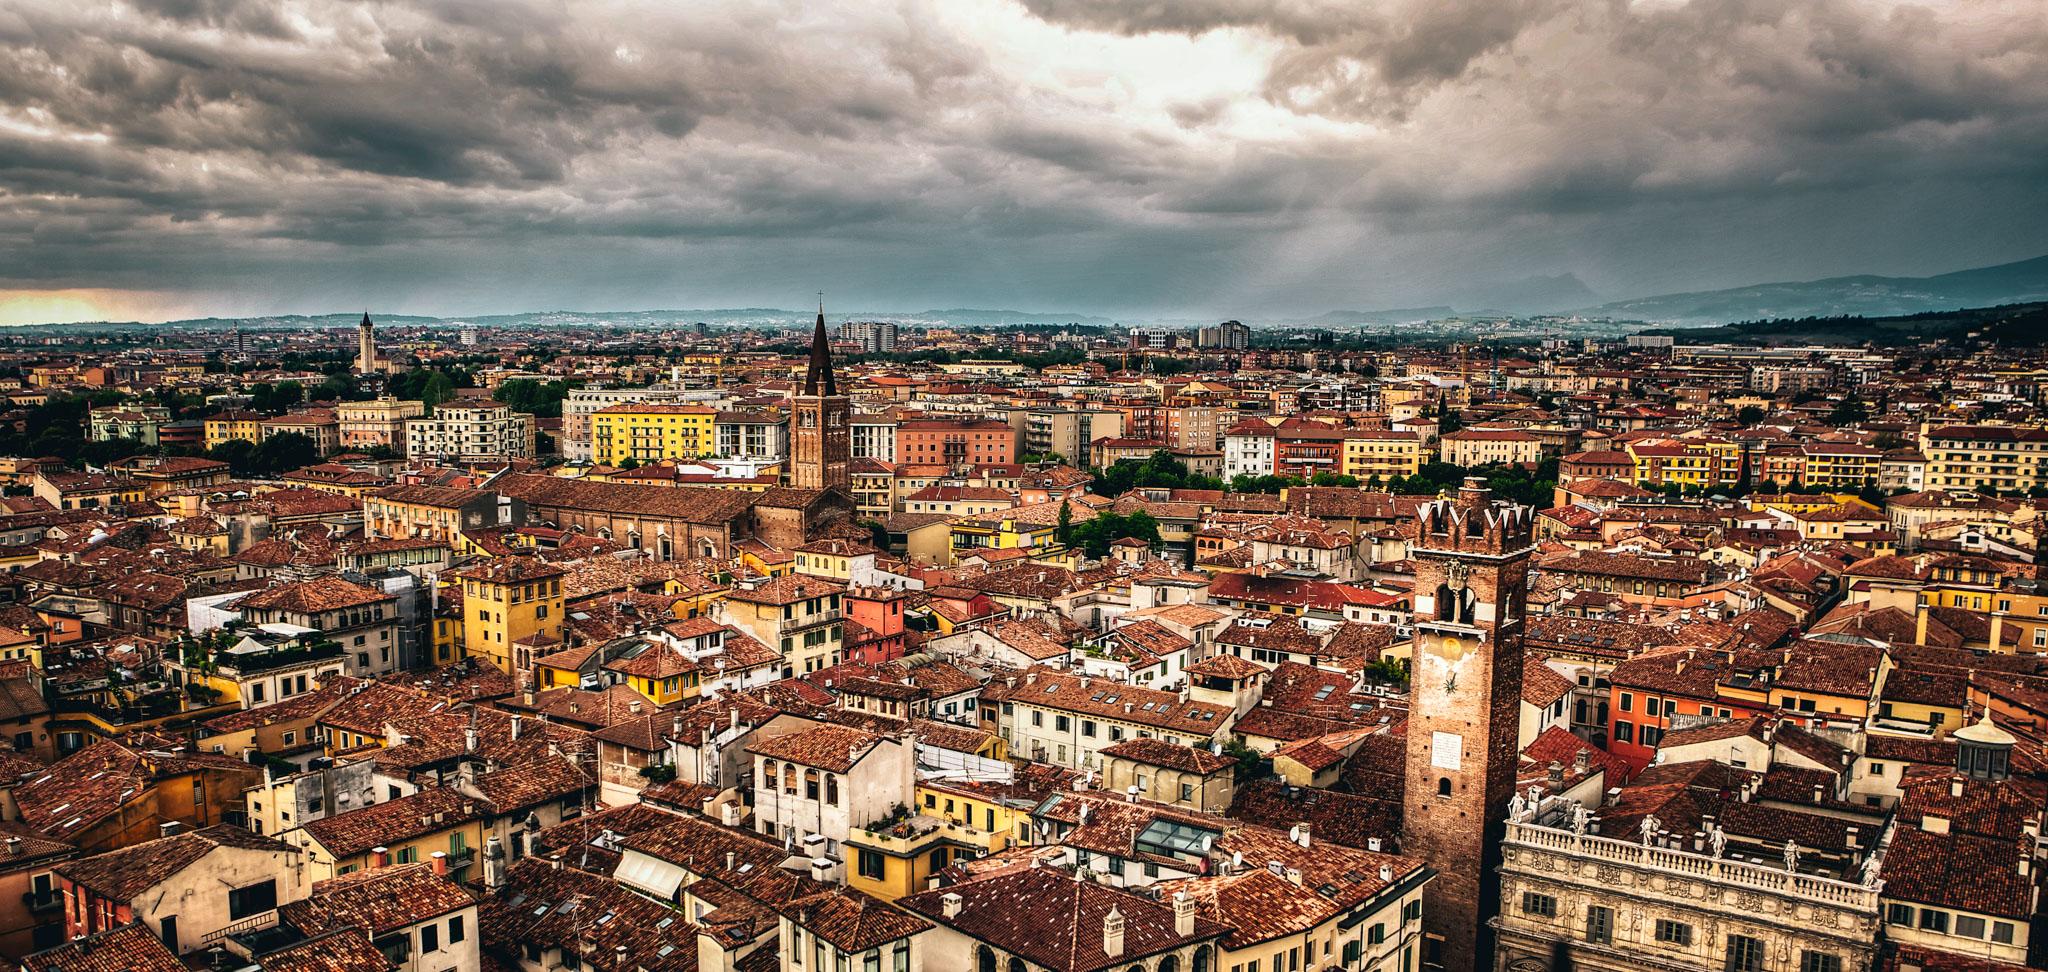 Italy : Verona